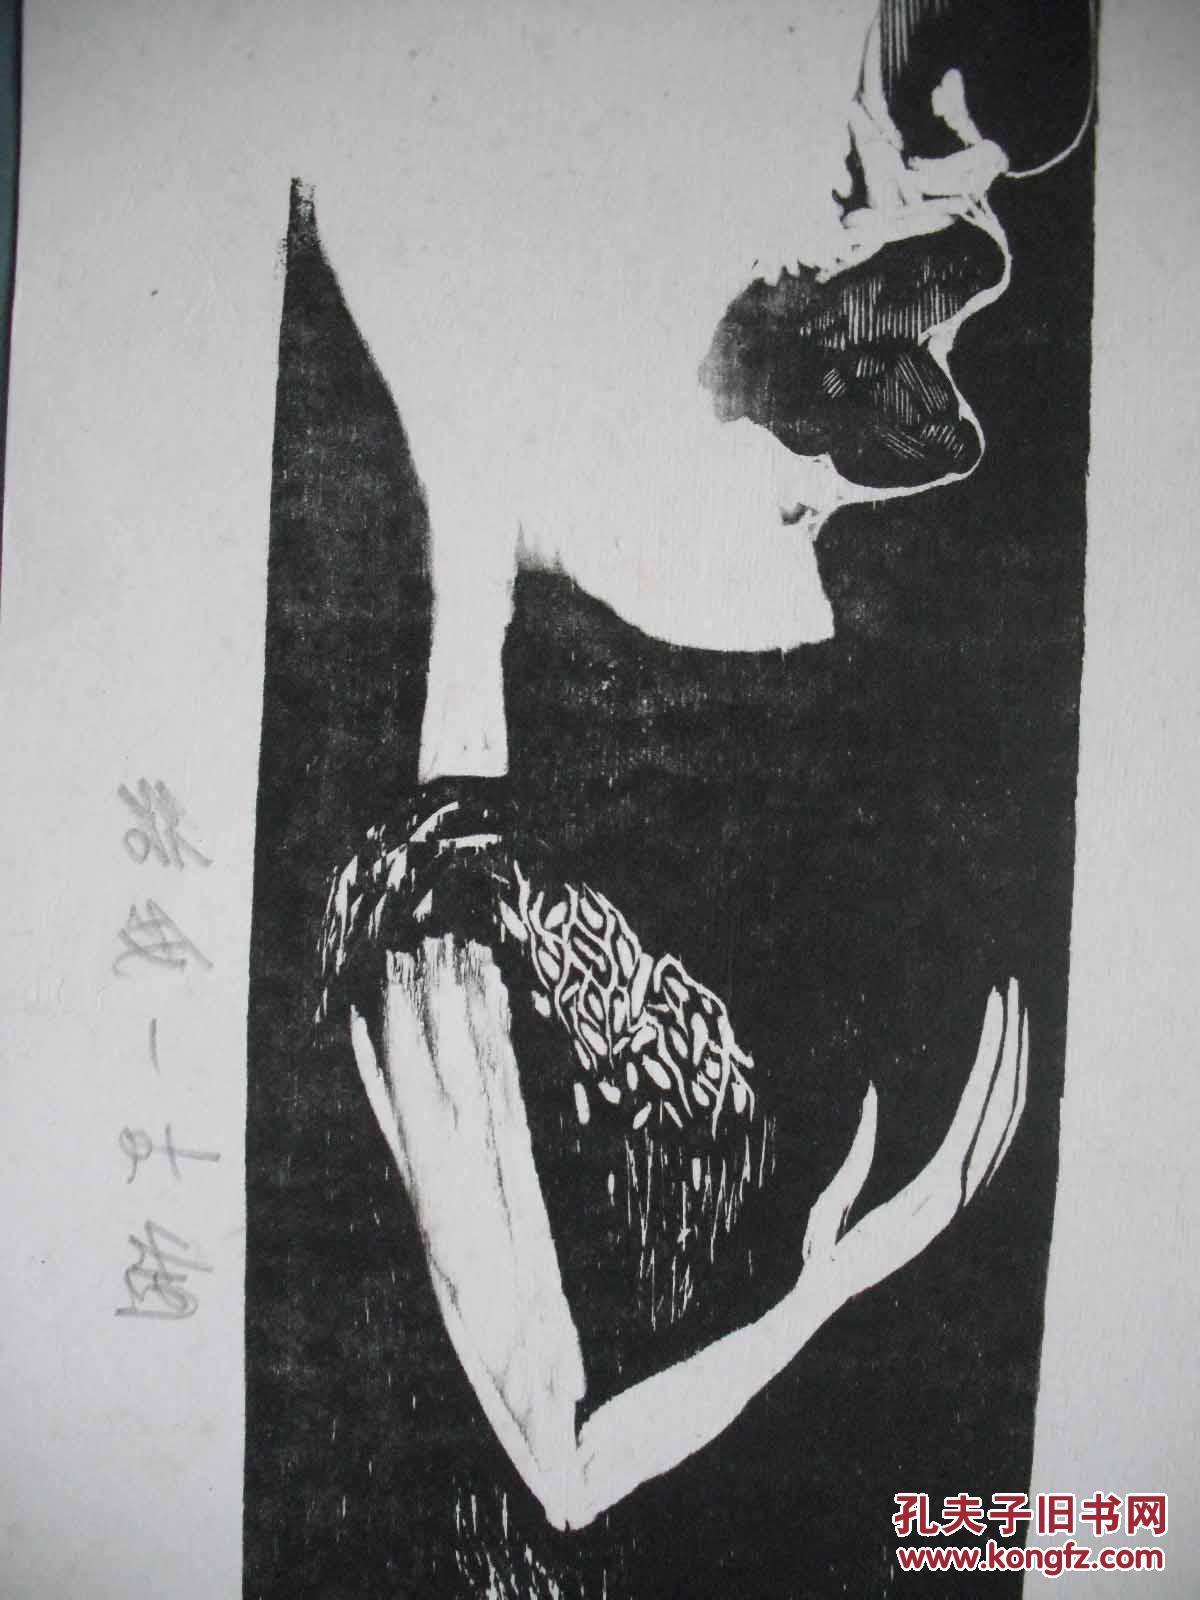 黑白木刻版画图片